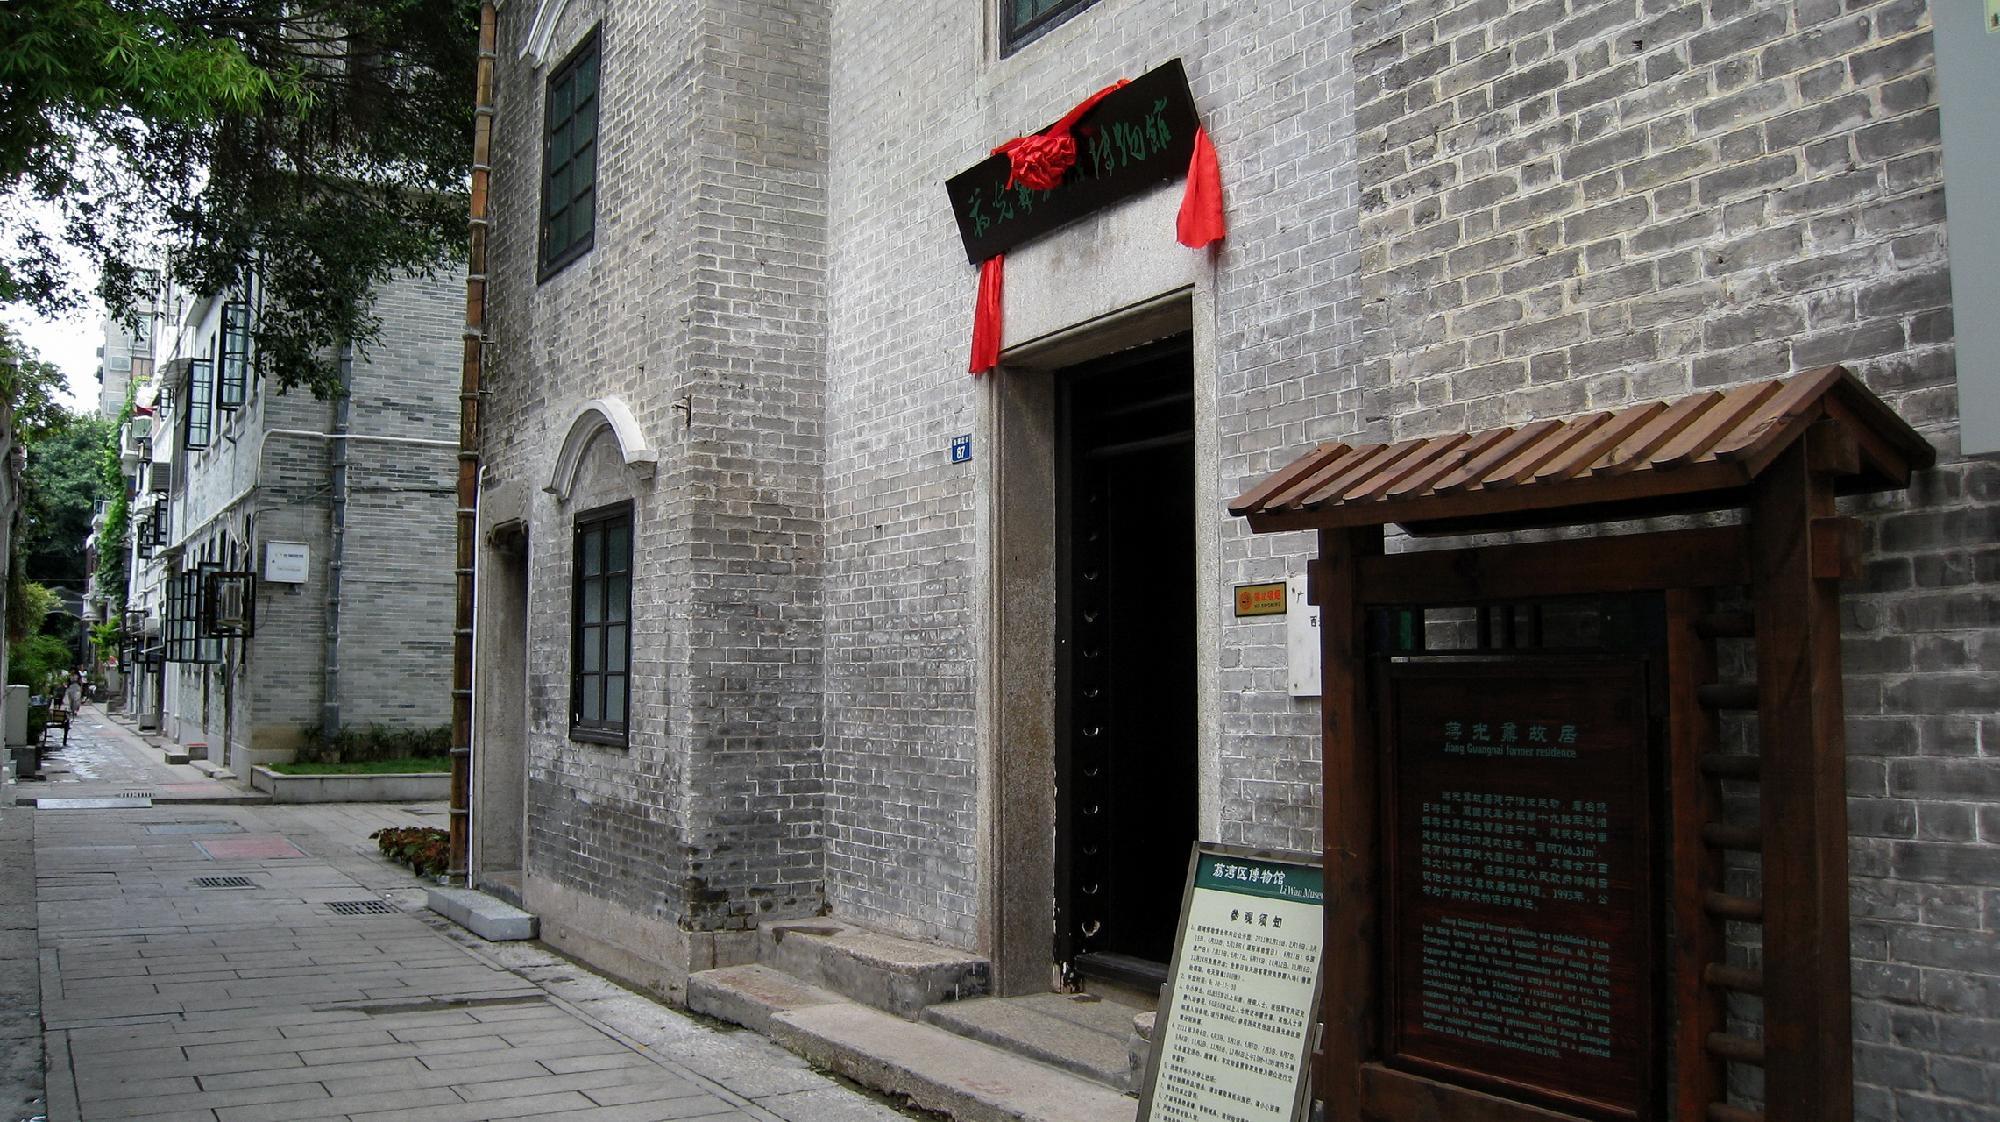 蒋光鼐故居为三层砖木结构建筑,面积766平方米,建筑风格兼具西关大屋